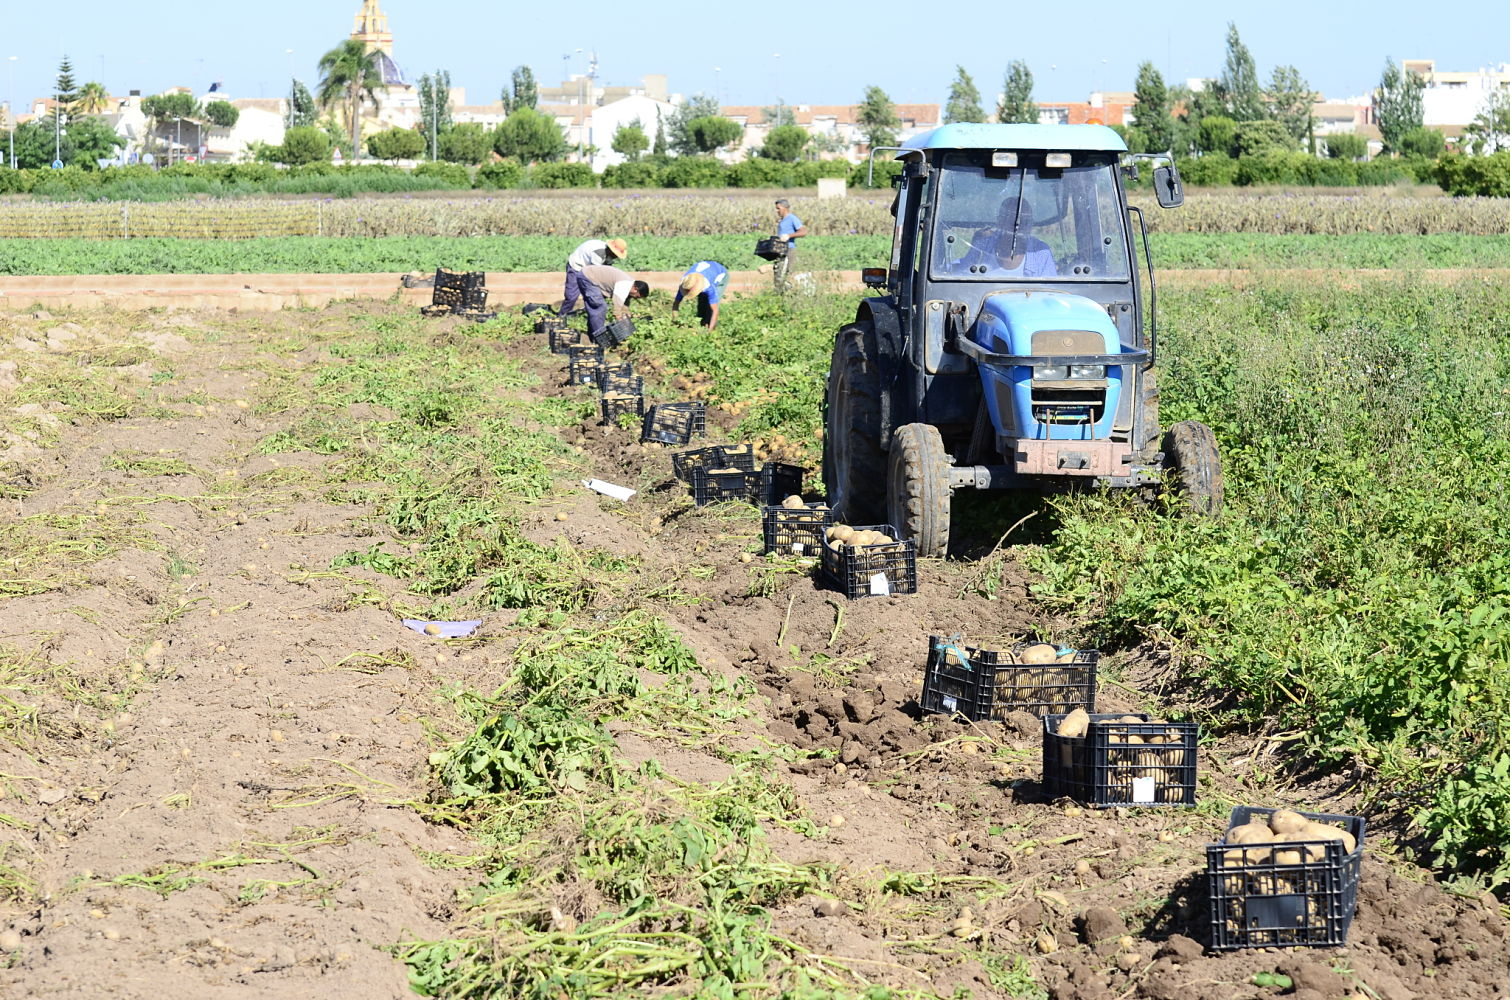 Actualmente está en proceso de redacción y LA UNIÓ ya ha hecho llegar a la Conselleria de Agricultura, de quien depende, sus propuestas detalladas.